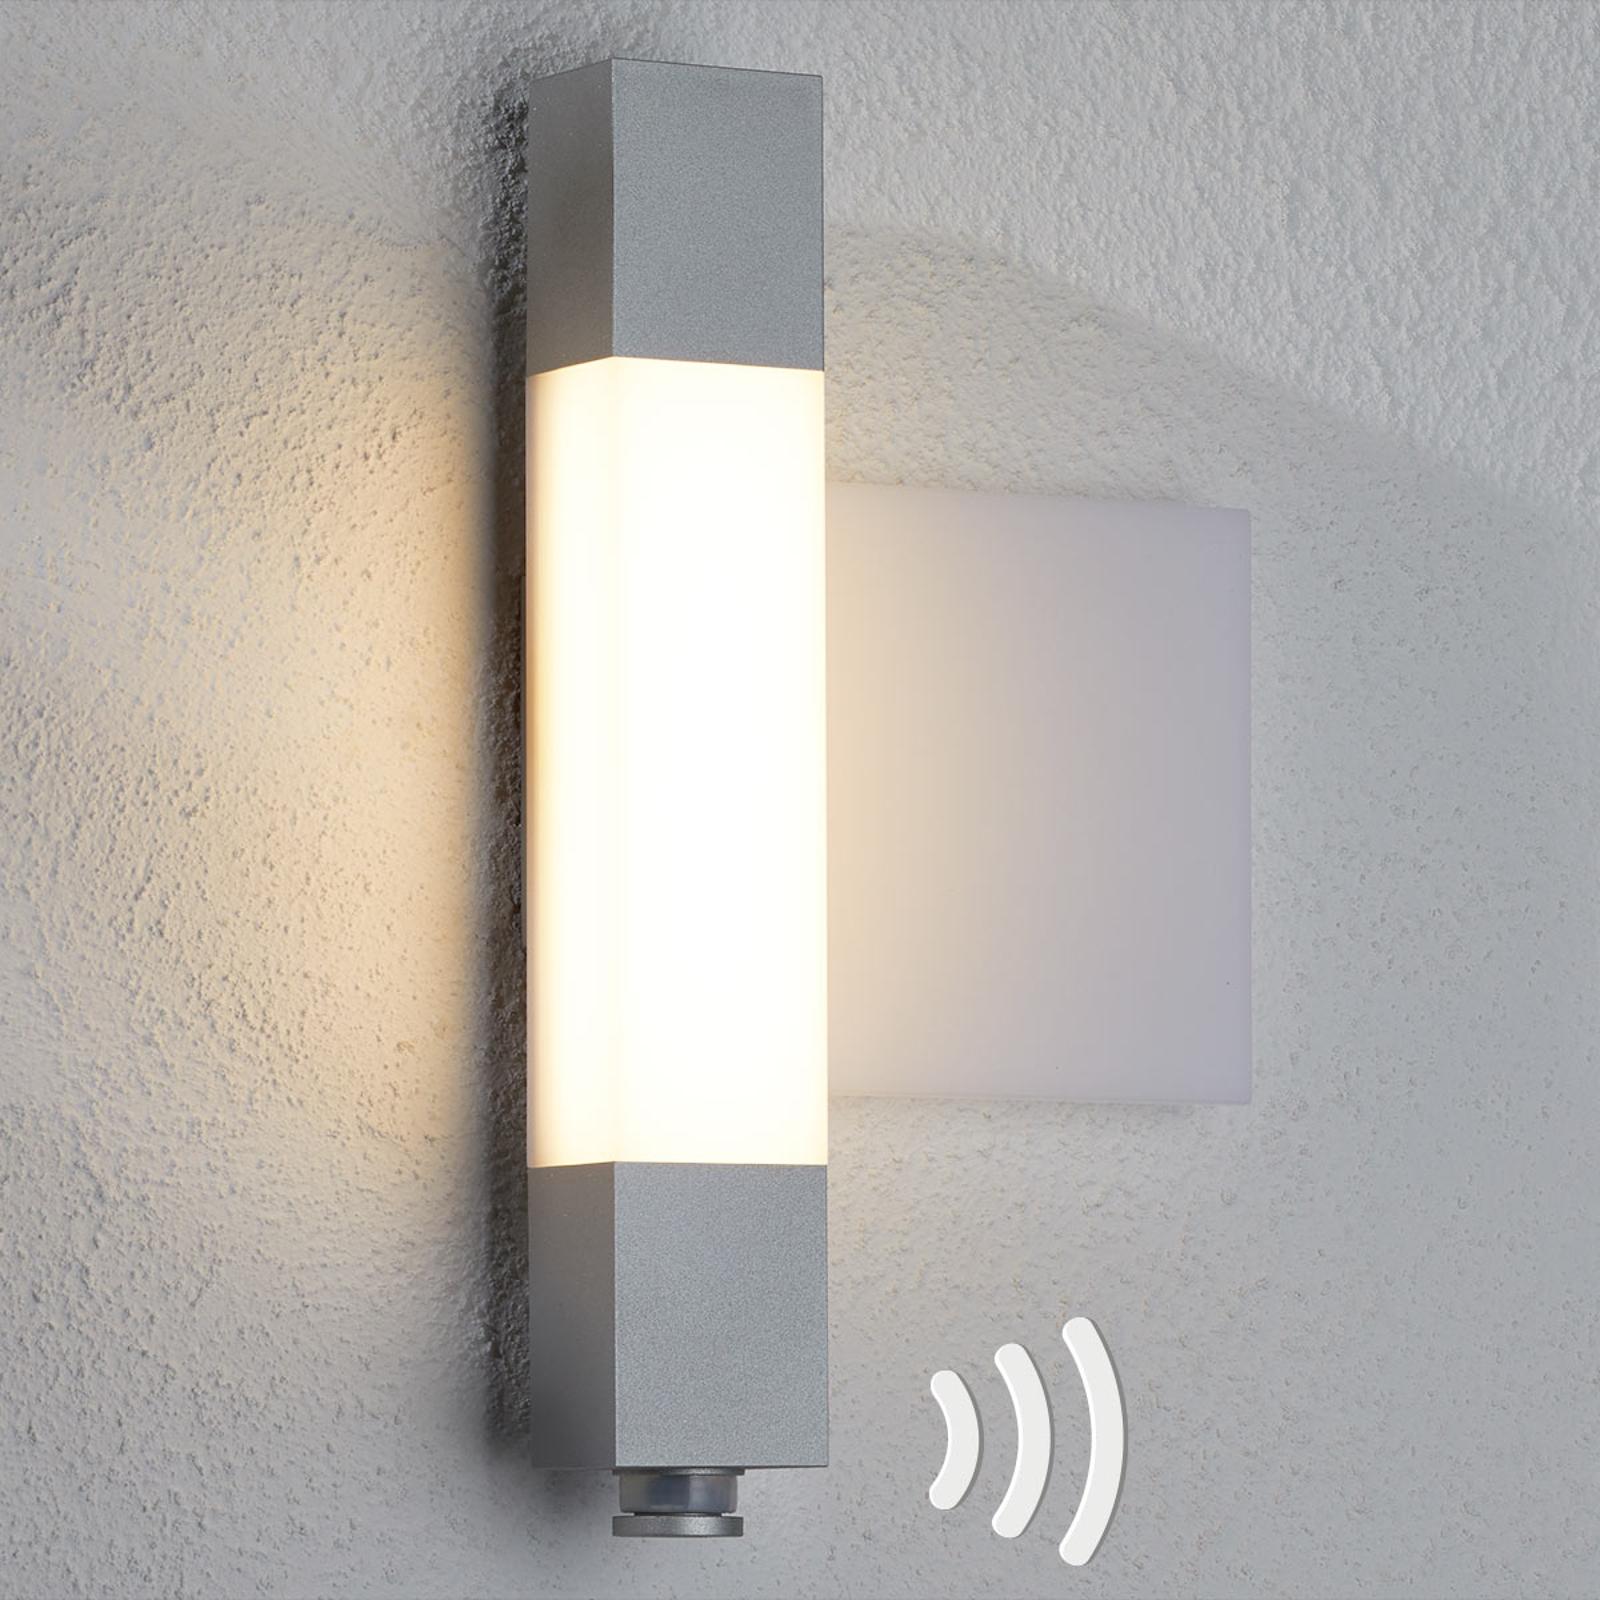 STEINEL L630 LED-Außenwandleuchte mit Hausnummer